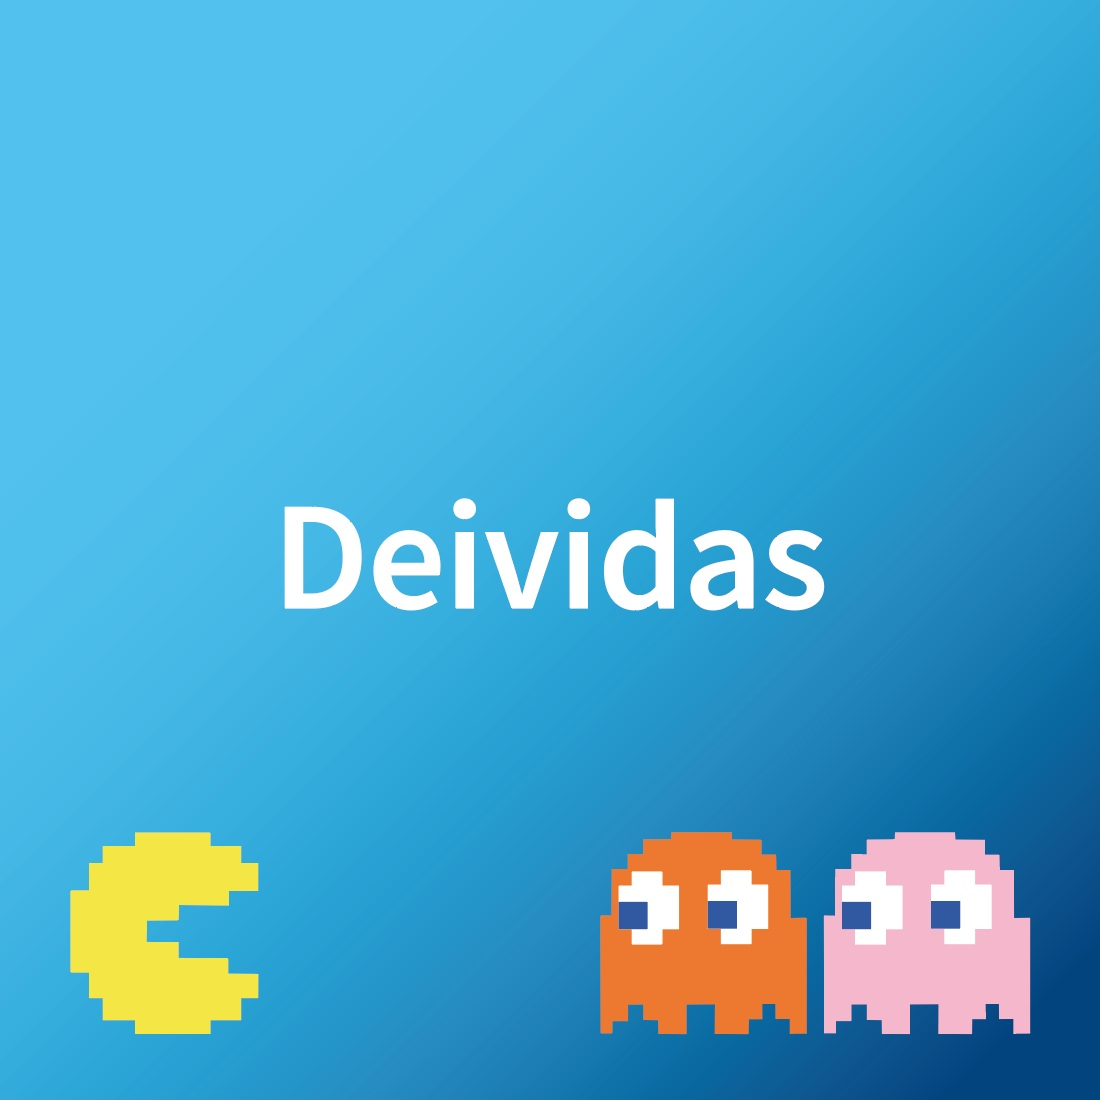 Deividas2.jpg